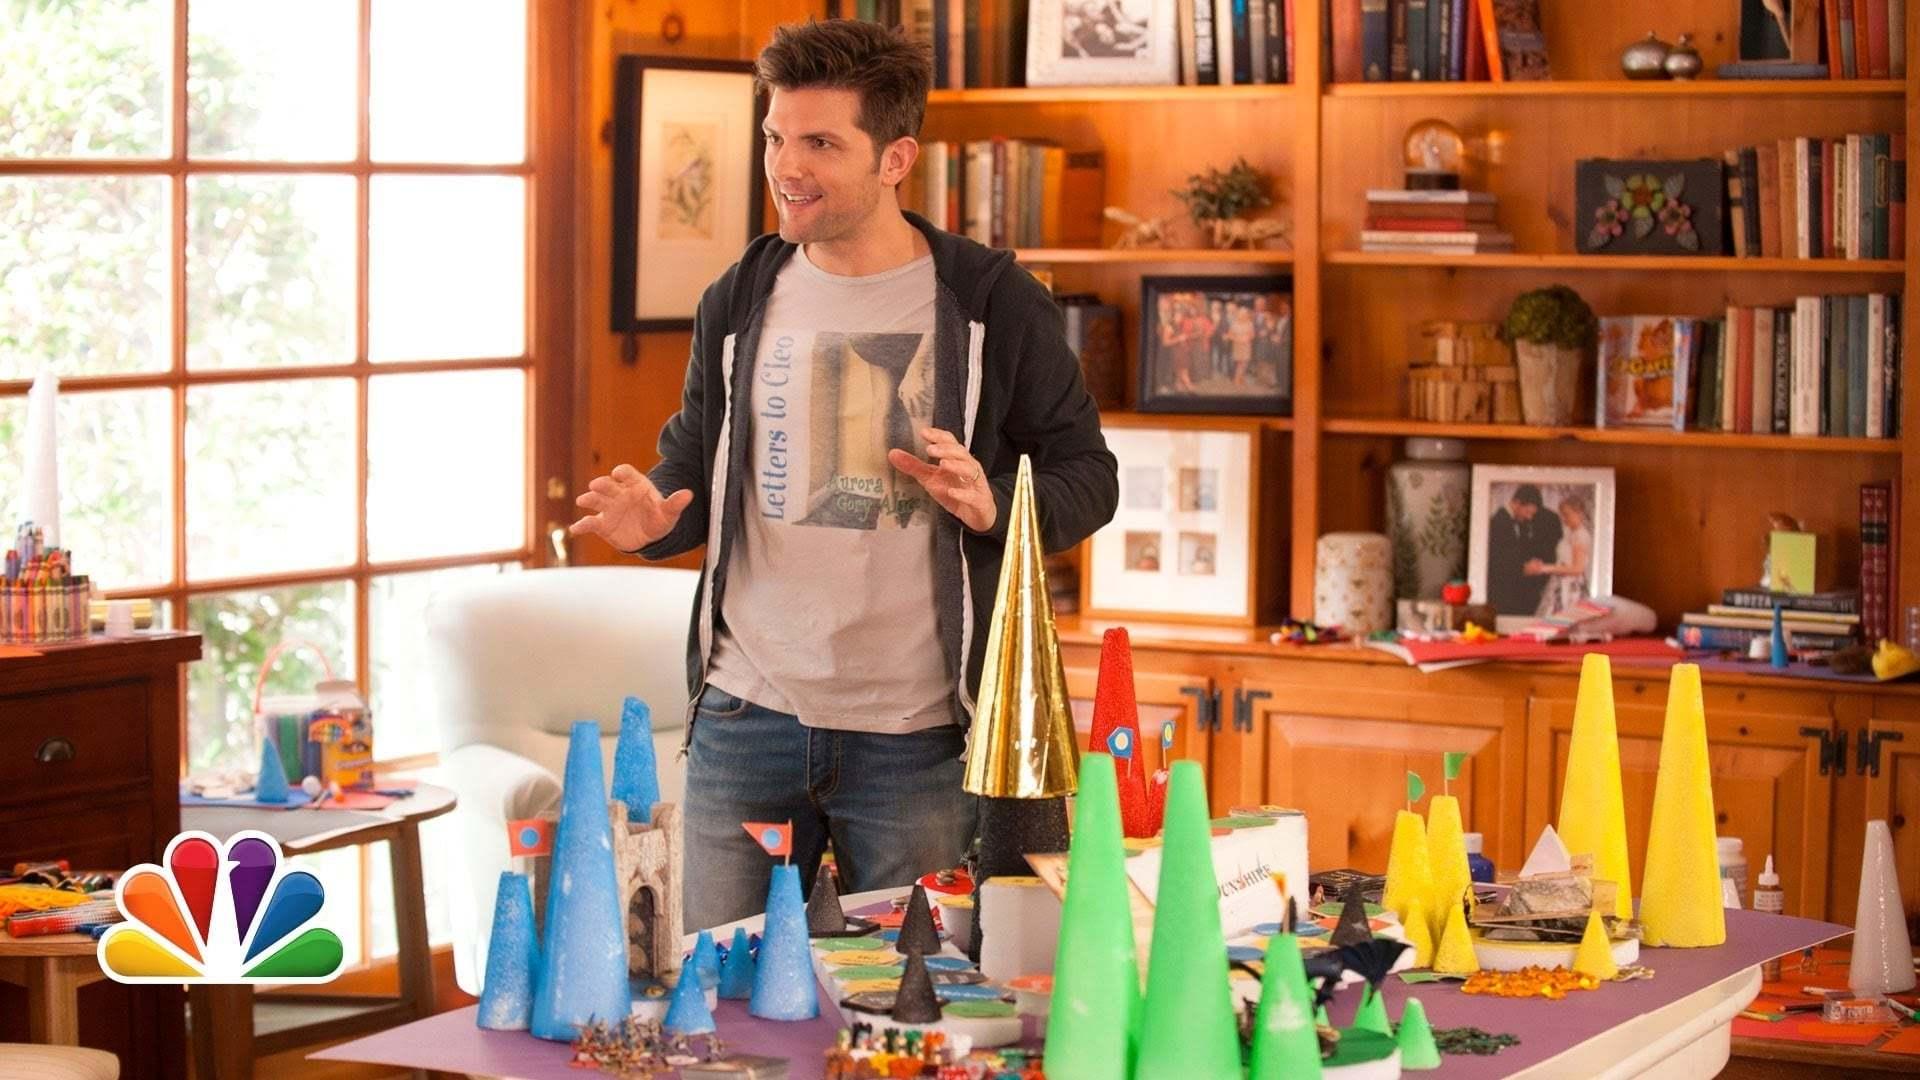 Кадры из фильма Парки и зоны отдыха Parks and Recreation 2009